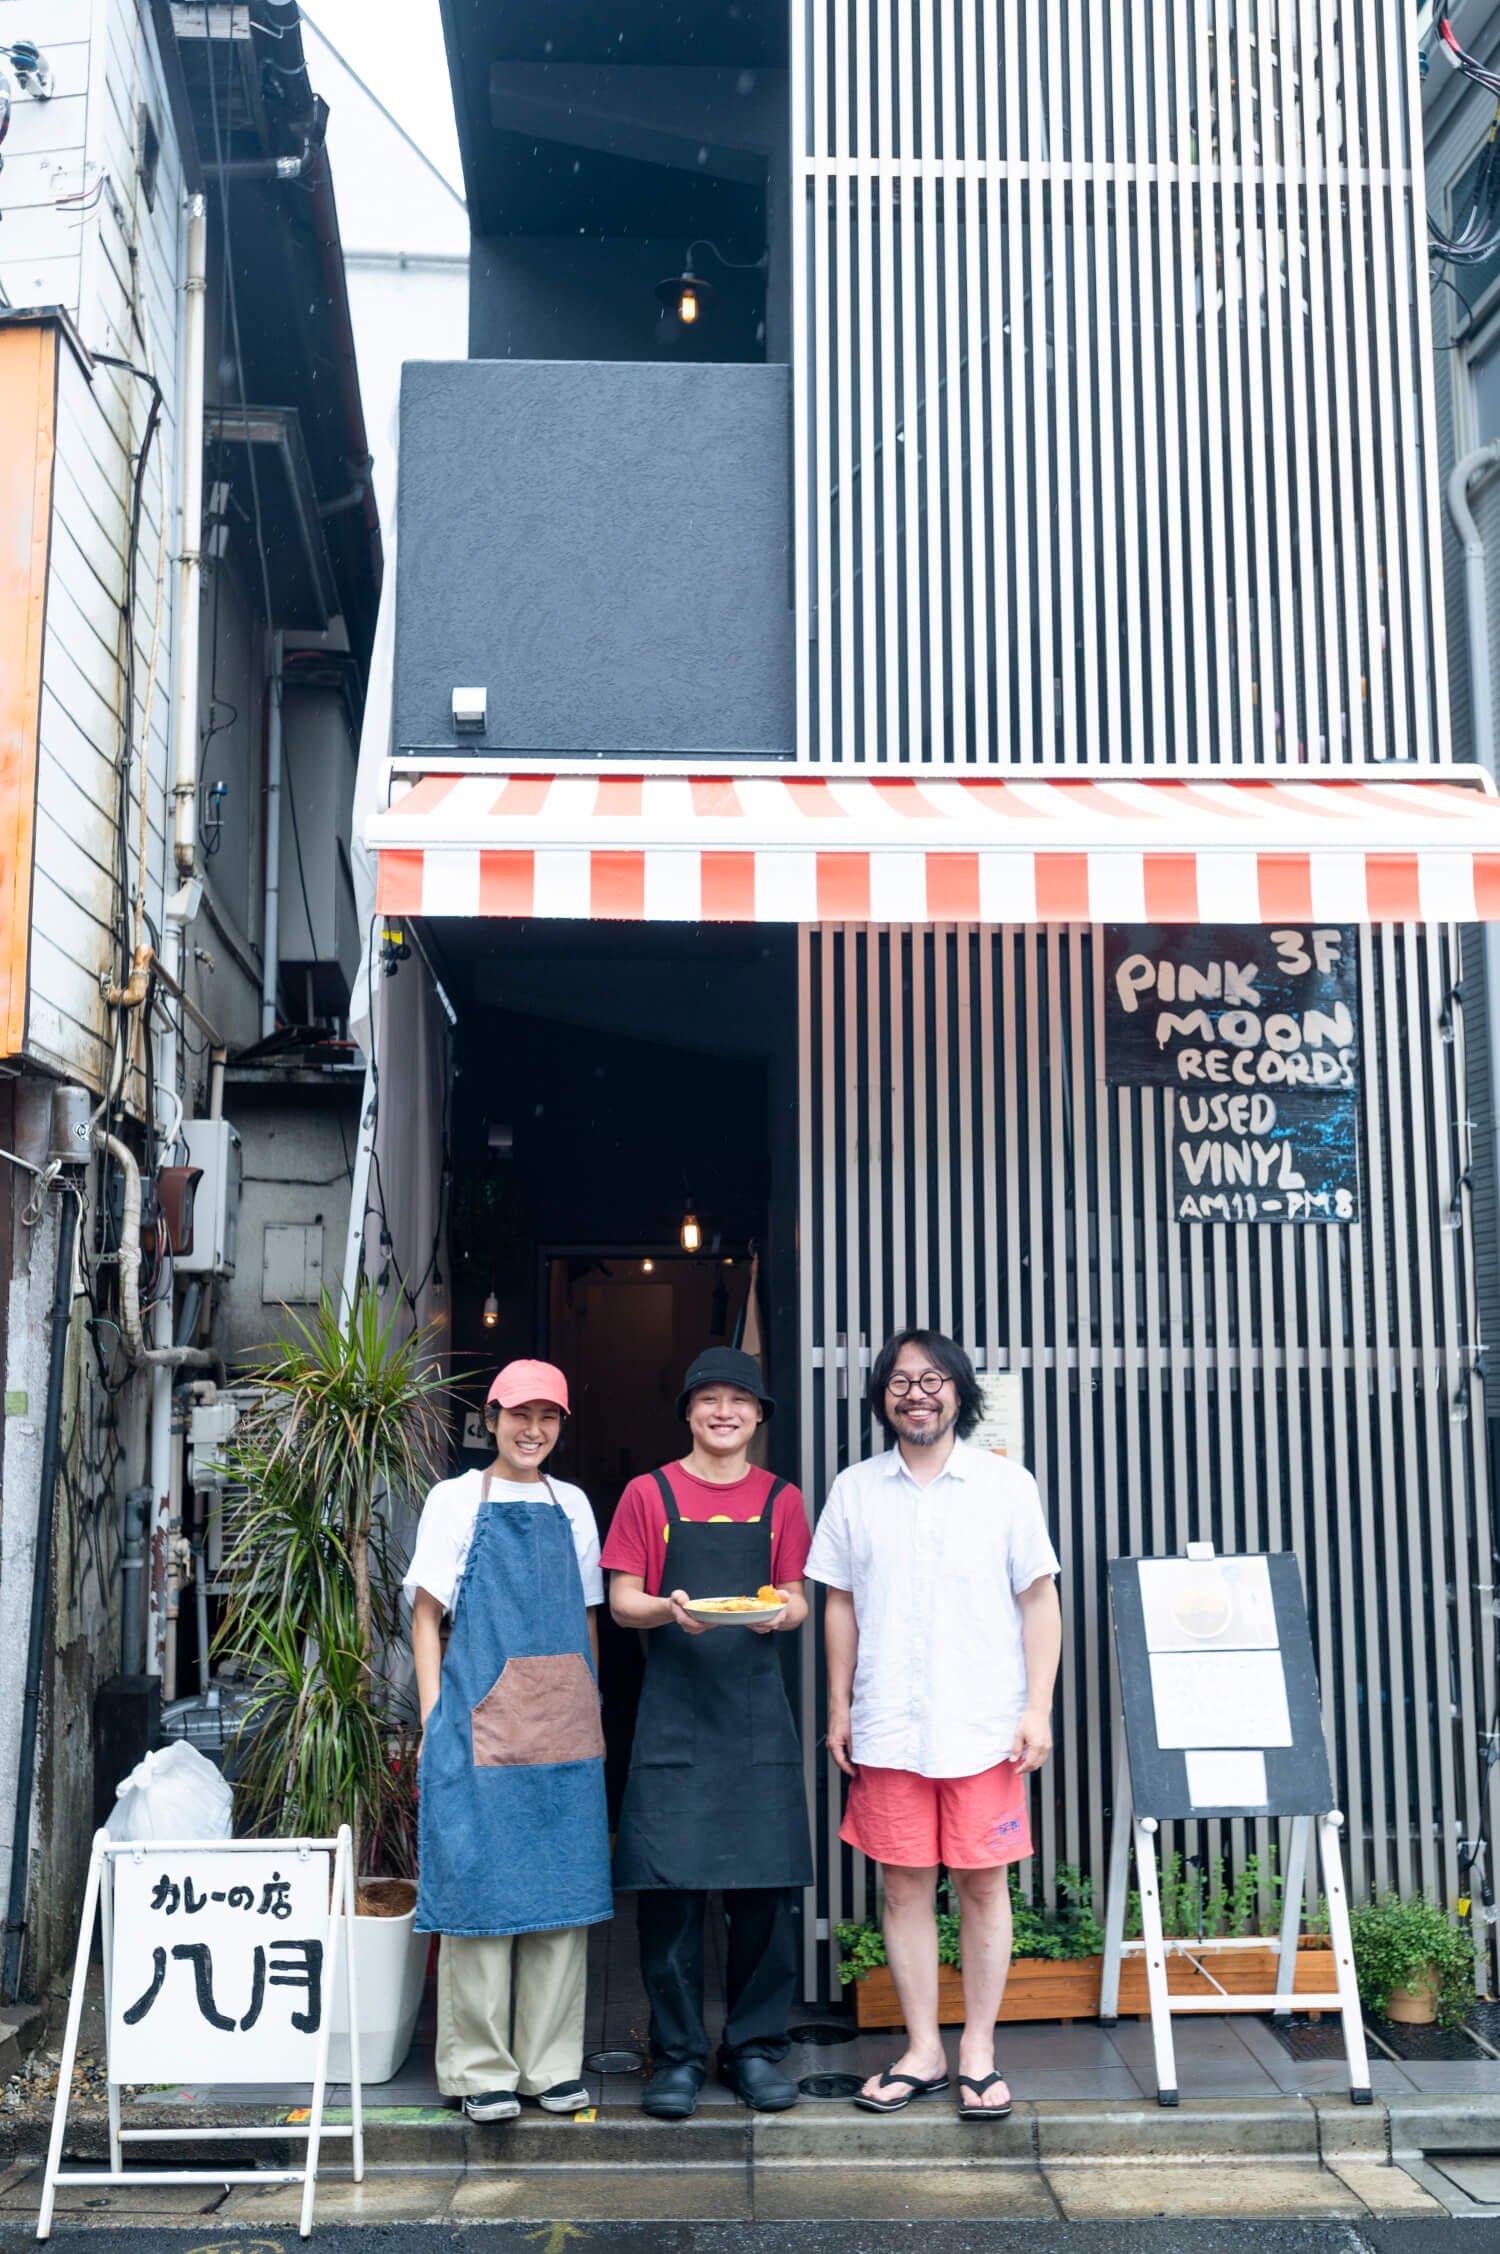 オーナーの曽我部恵一さん(右)は下北沢を拠点とするバンド、サニーデイ・サービスのボーカル&ギター。店長の尾関太一さん(中央)と一緒にレシピを考案した。